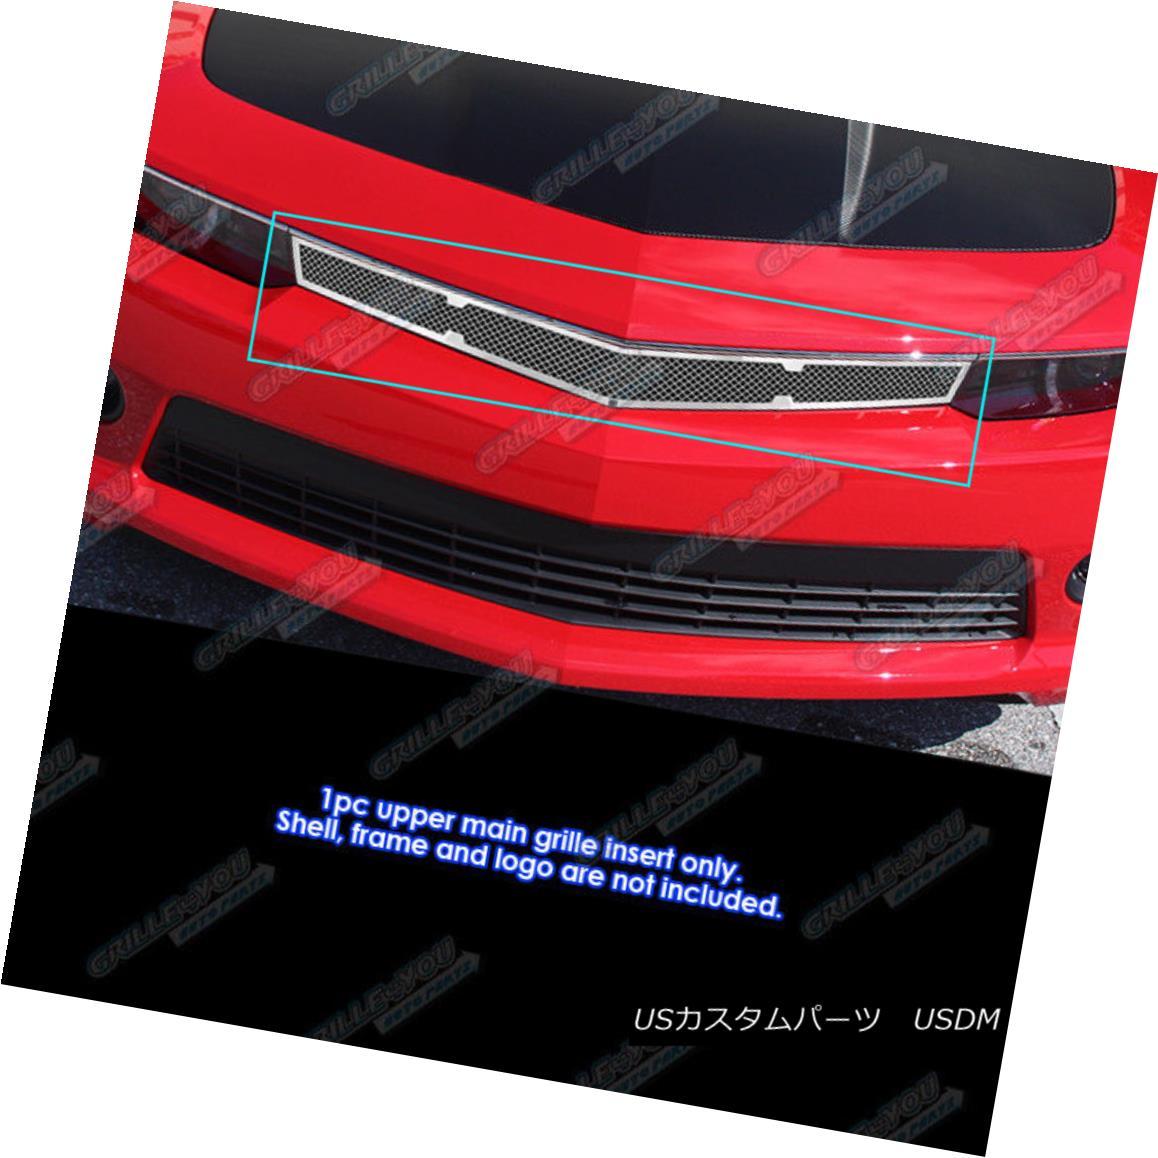 グリル For 2014-2015 Chevy Camaro SS/LT/LT With RS Package Stainless Mesh Grille 2014-2015シボレーカマロSS / LT / LT(RSパッケージ付き)ステンレスメッシュグリル